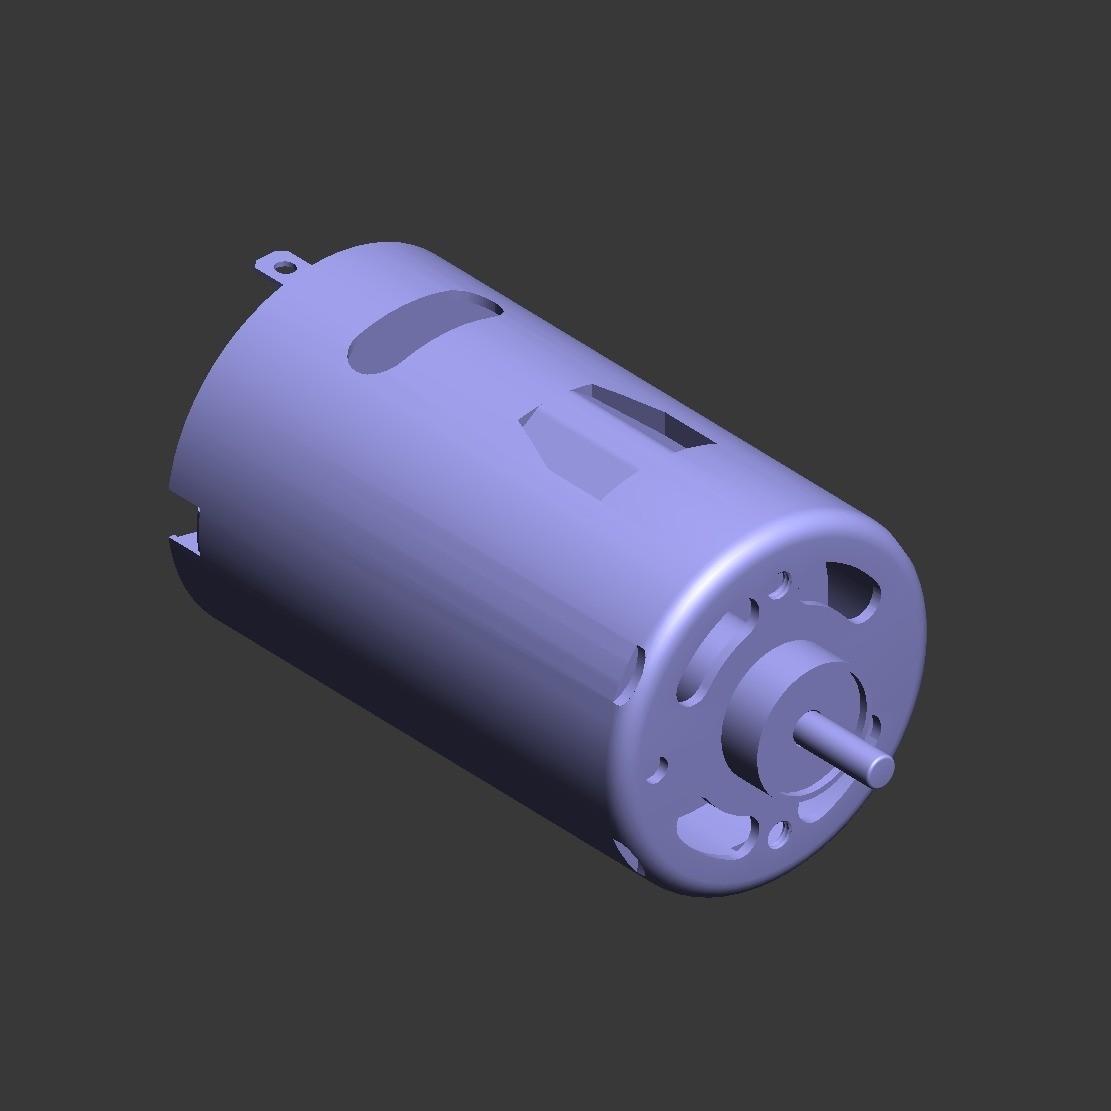 550.jpg Télécharger fichier STL gratuit 540 et 550 moteurs. • Plan pour imprimante 3D, tahustvedt